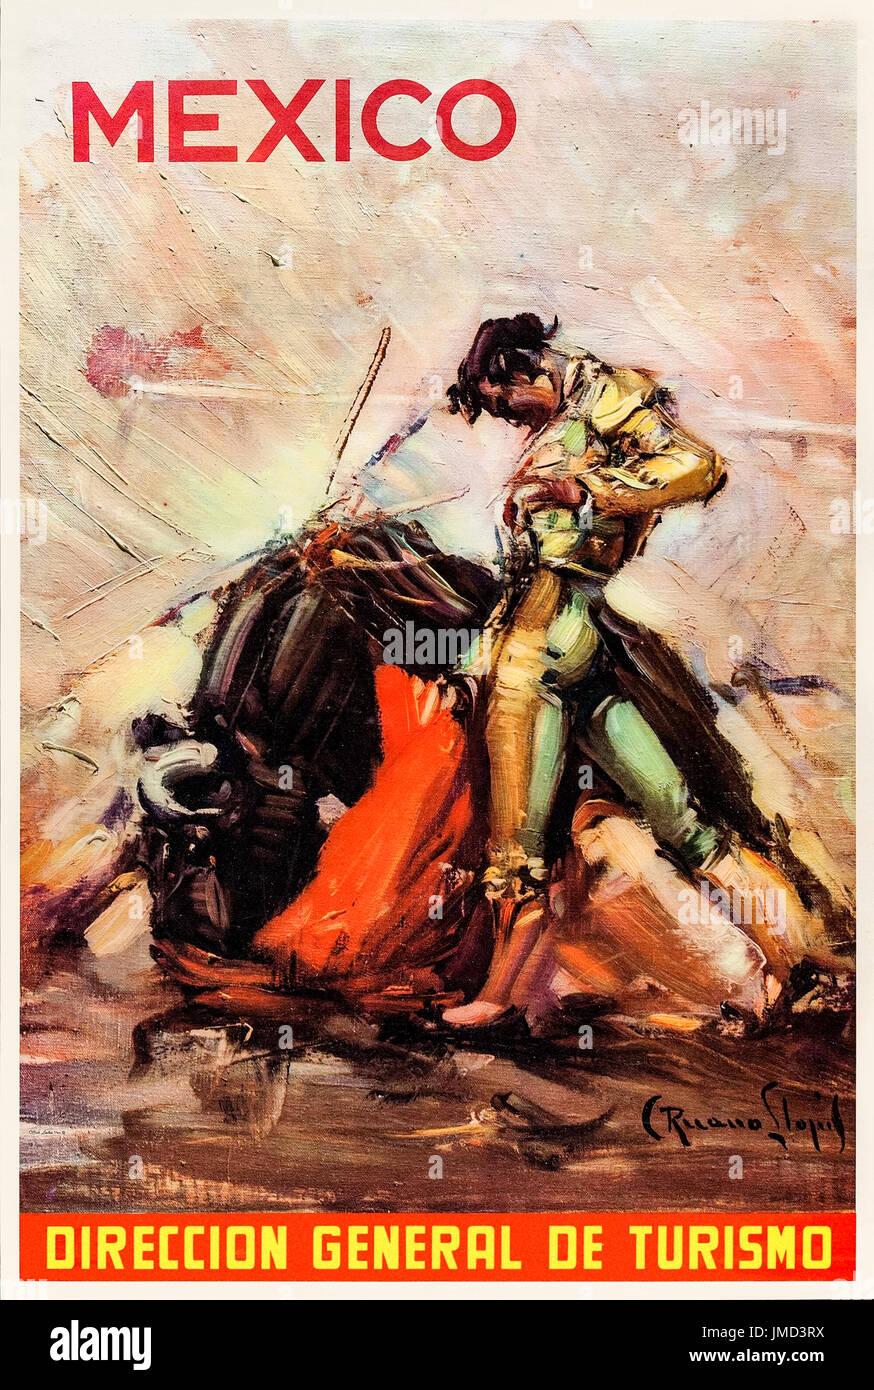 """""""Messico - Dirección General de Turismo """" Turismo Poster rilasciato circa 1959 dal messicano segretario del turismo con un dipinto di un Matador e bull dell'artista spagnolo Carlos Ruano Llopis (1879-1950). Immagini Stock"""